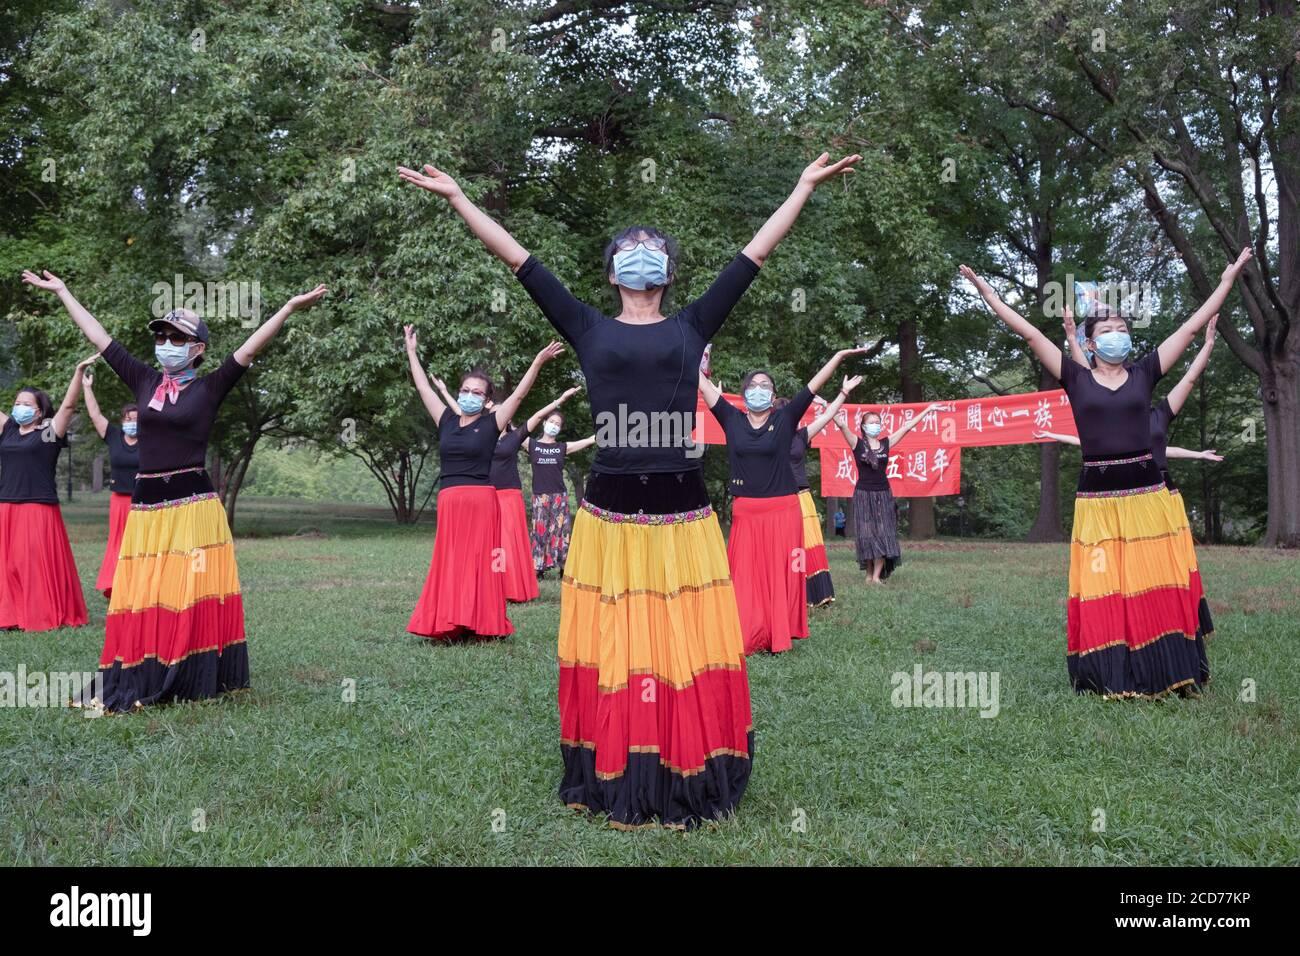 Bailarines chinos americanos de la compañía Wenzhou America New York celebran su quinto aniversario con una actuación en un parque en Queens, Nueva York. Foto de stock